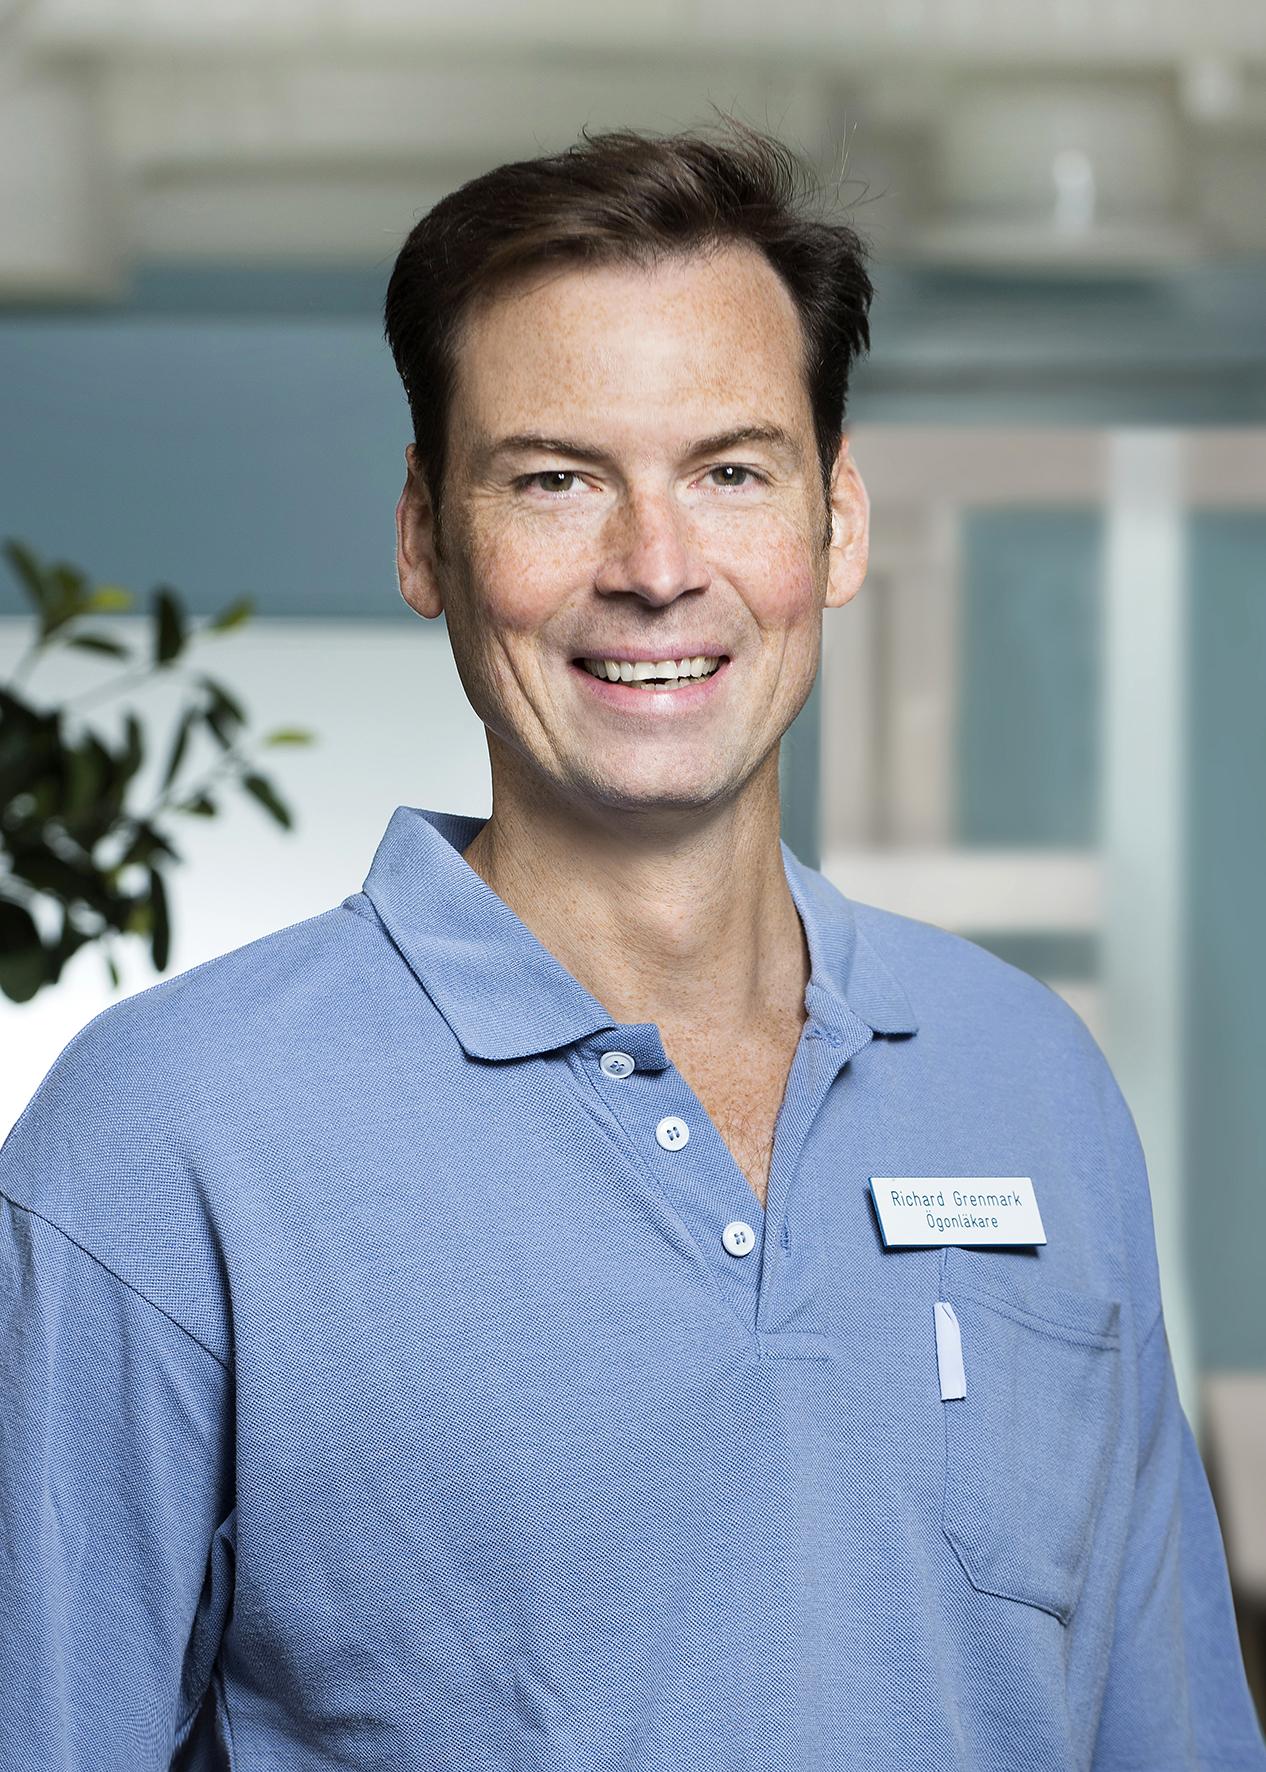 Richard Grenmark